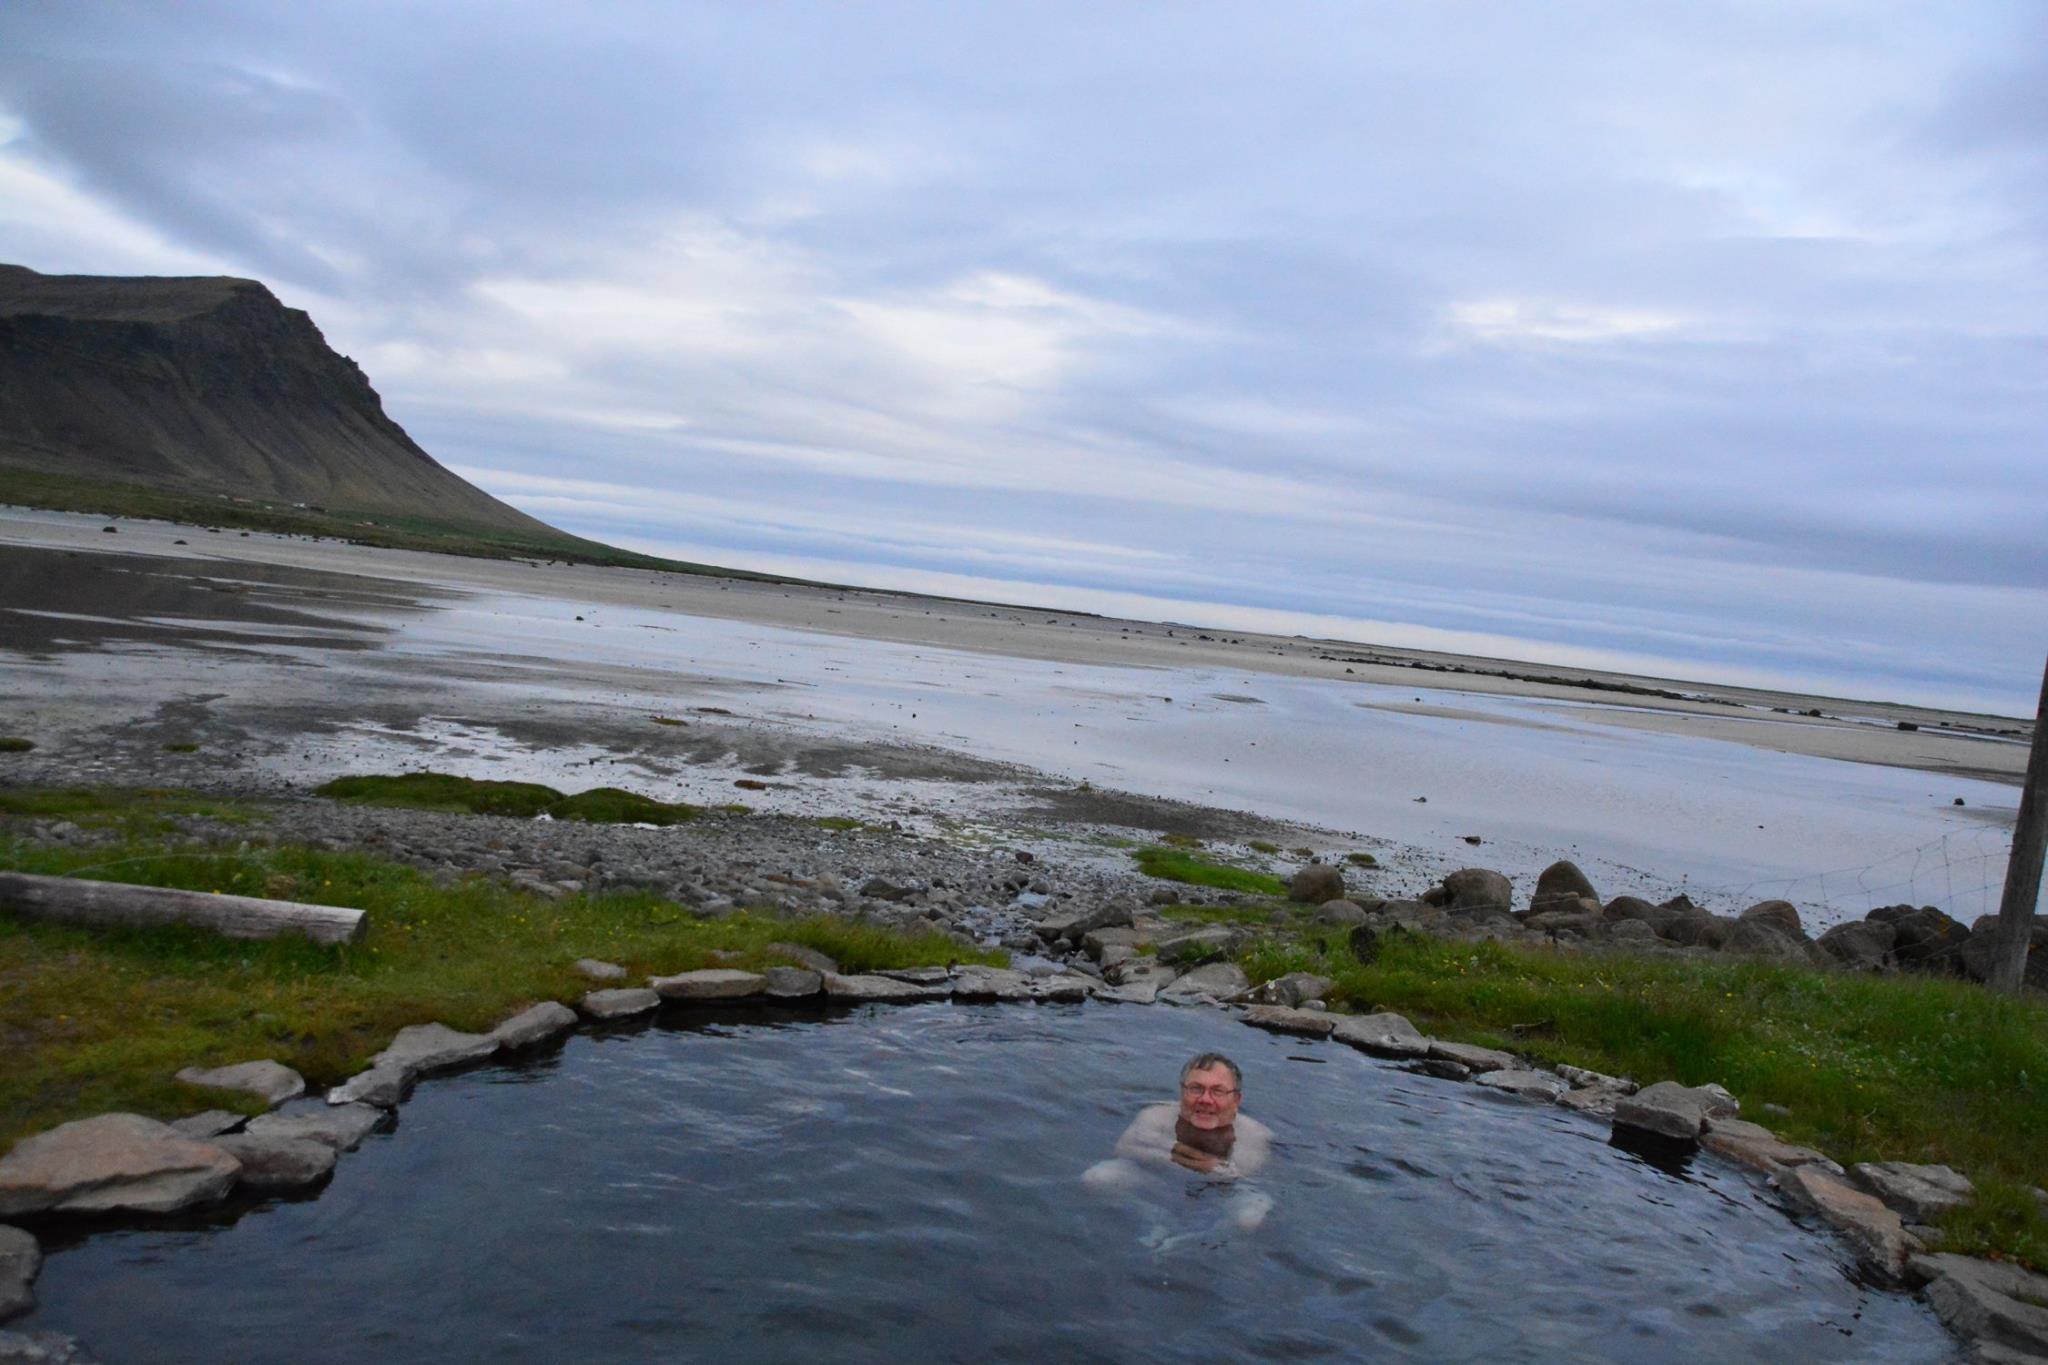 הבריכה החמה